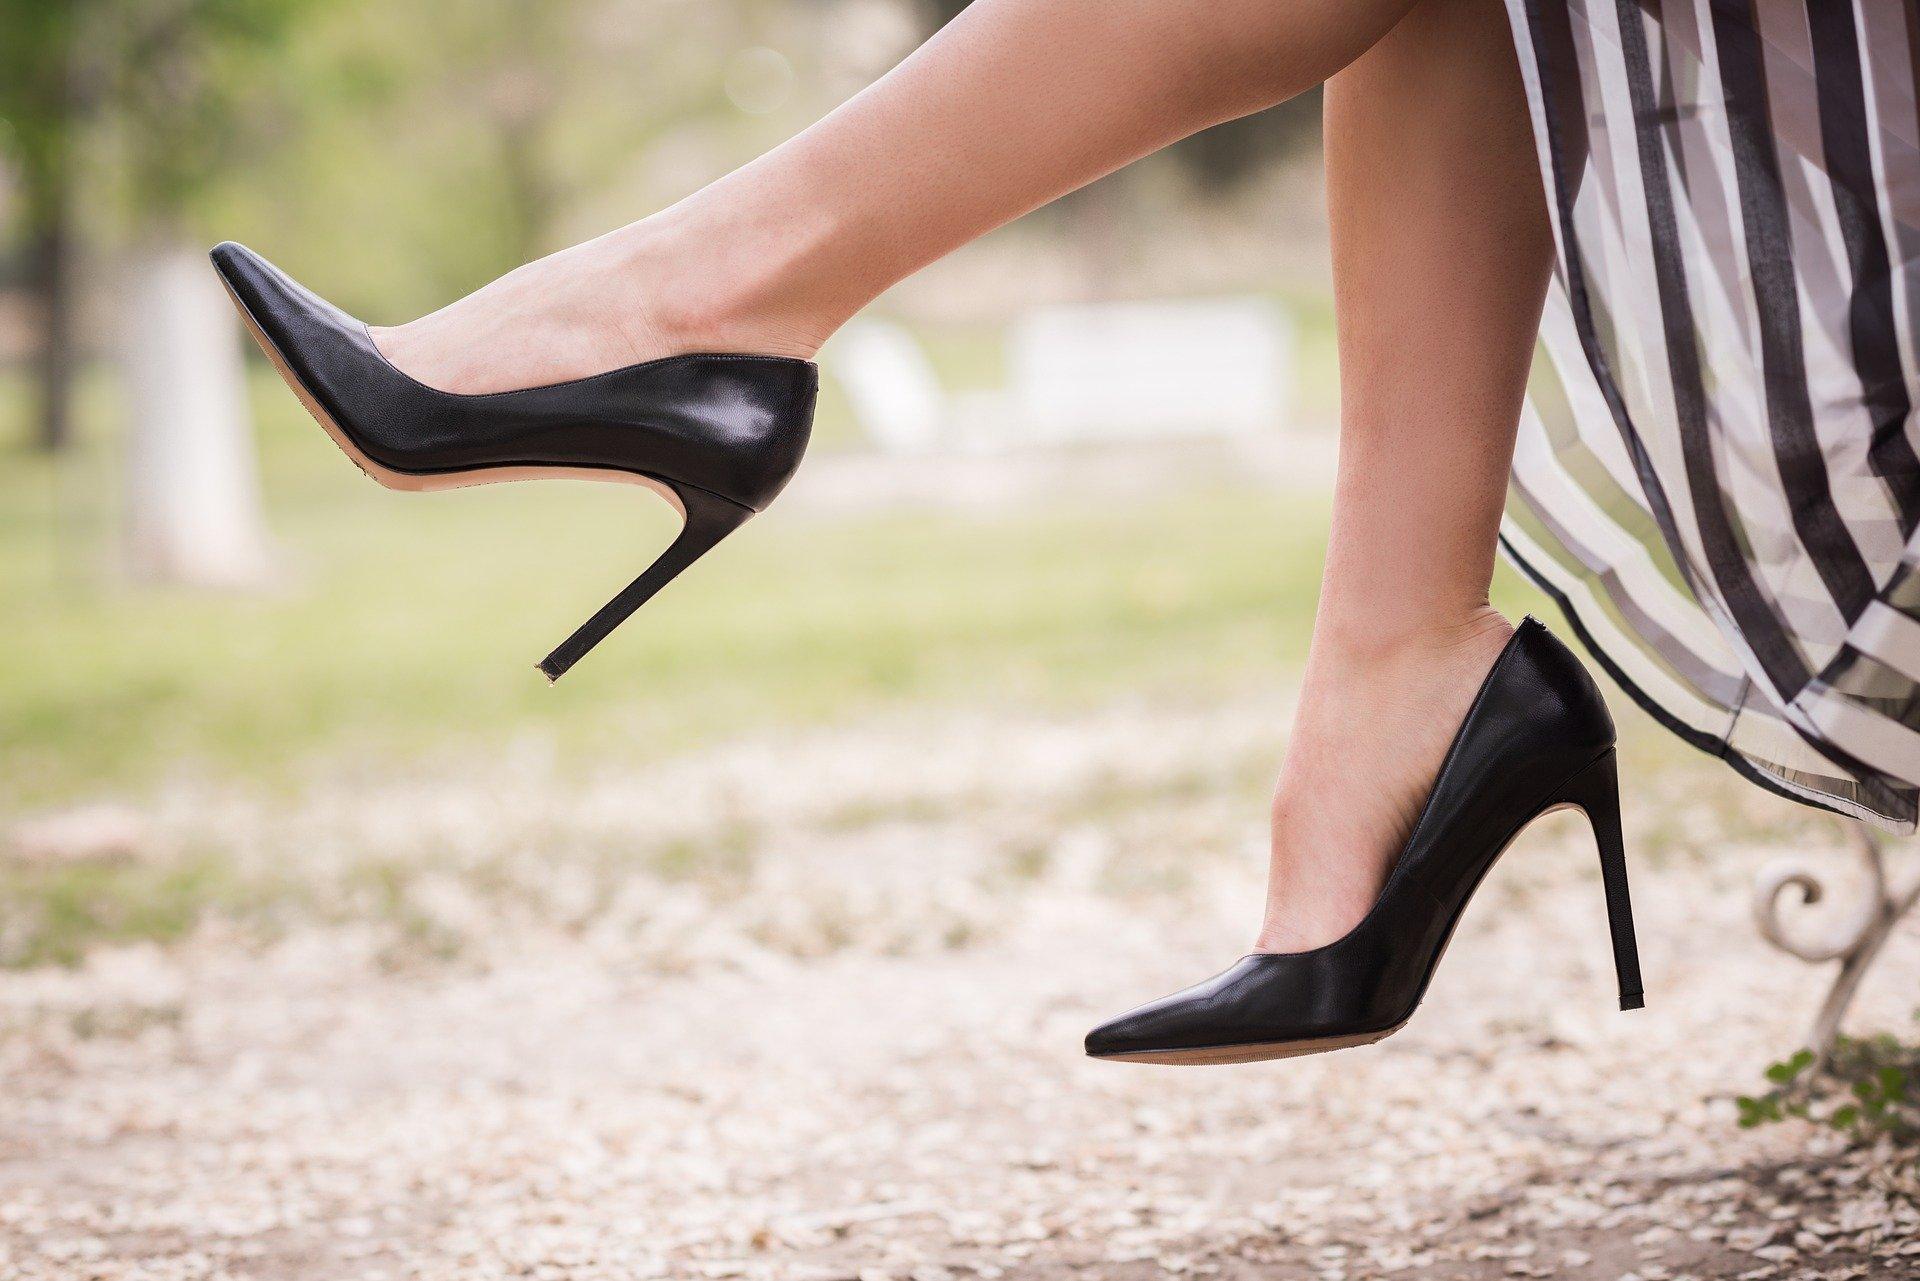 Comment trouver de belles chaussures à un prix réduit ?